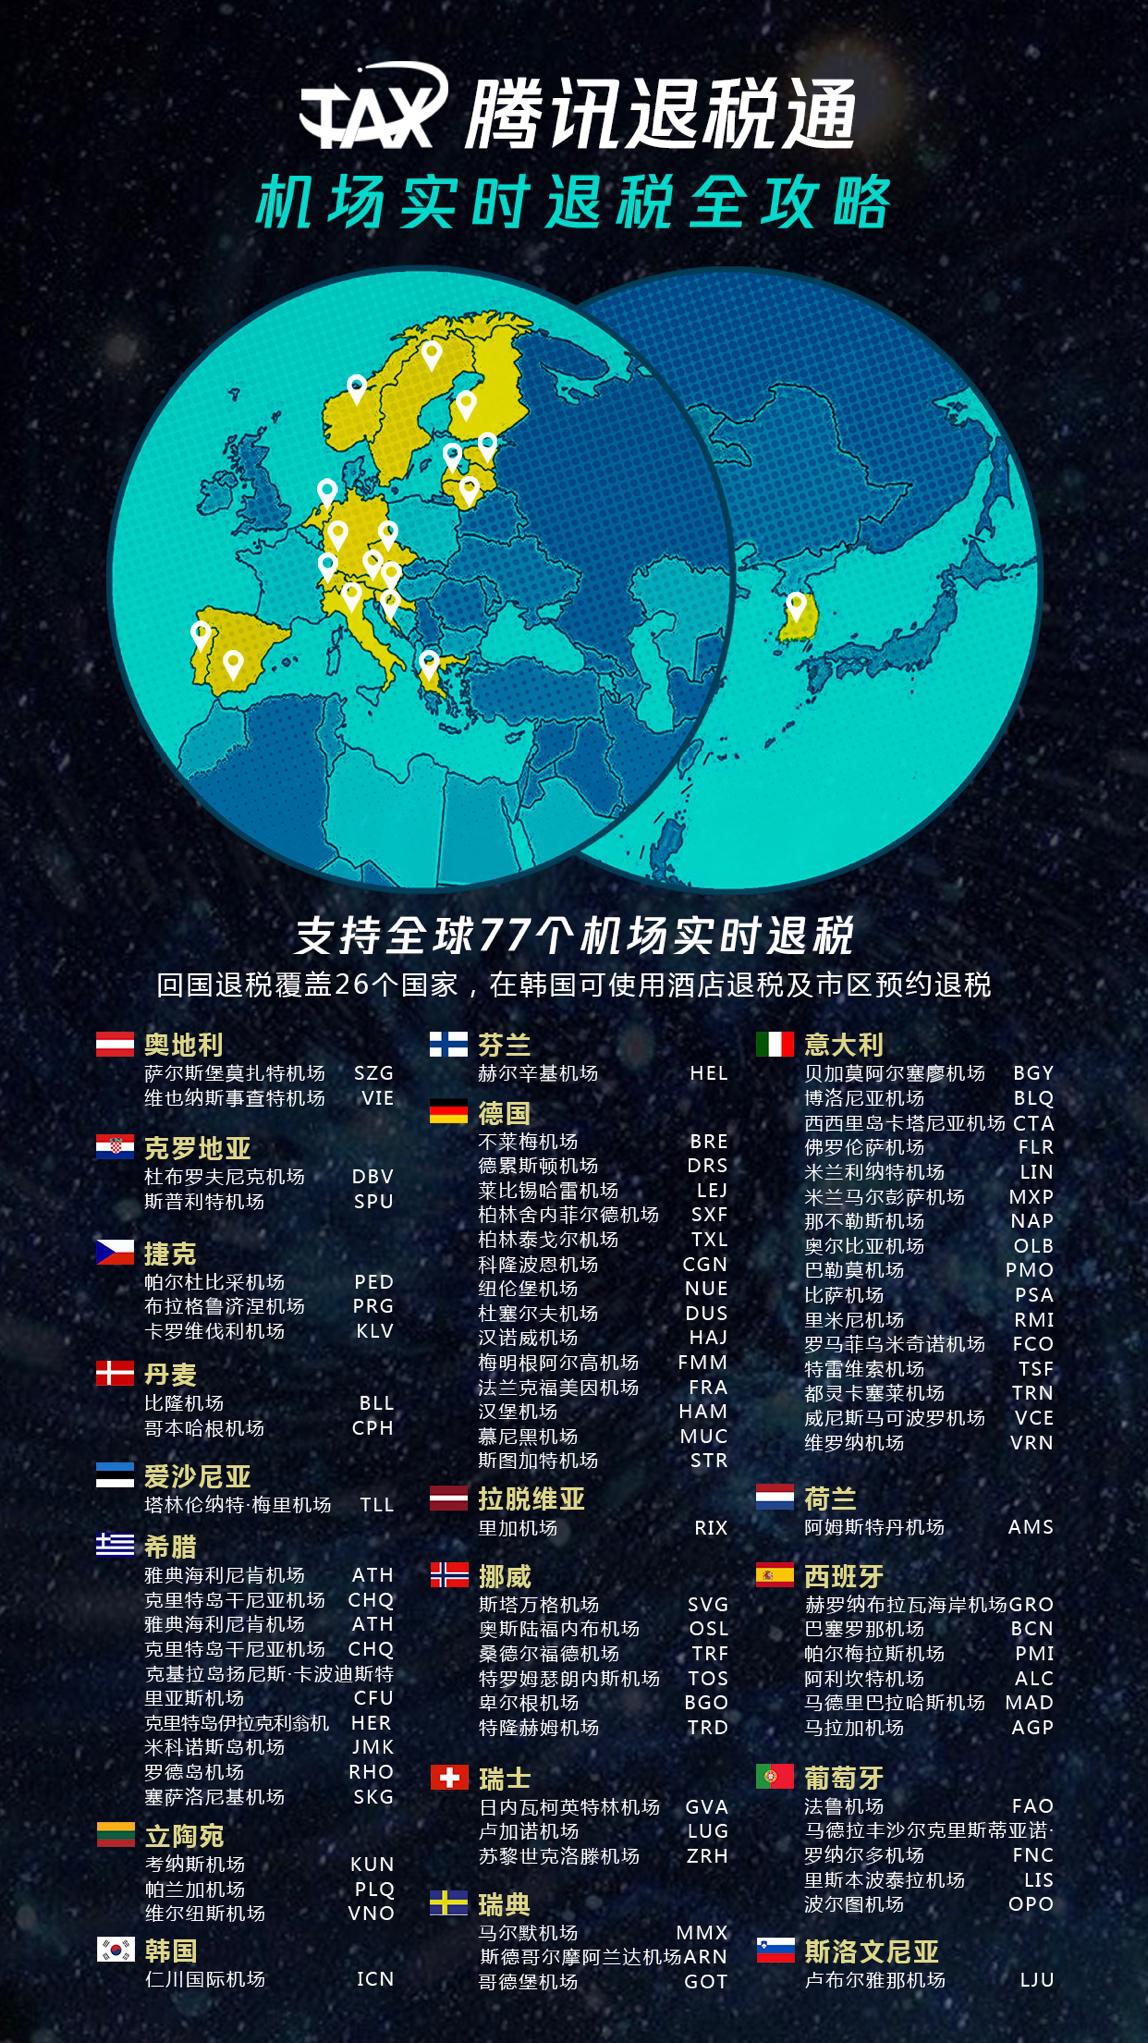 腾讯退税通覆盖全球26个国家77个机场